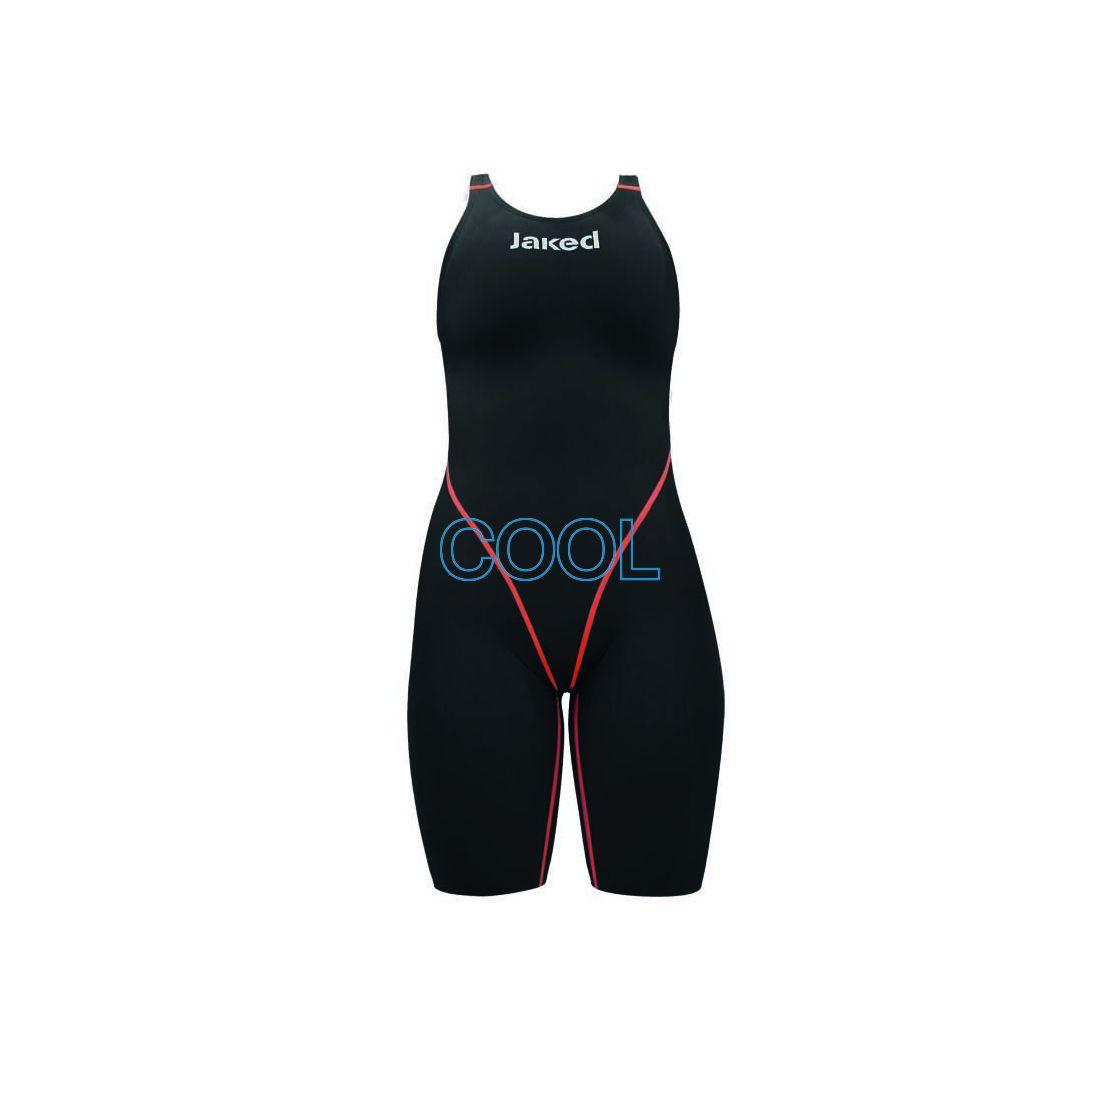 4e3814223 cool - Plávanie - Plavky pretekárske - Jaked JAlpha dámske ...